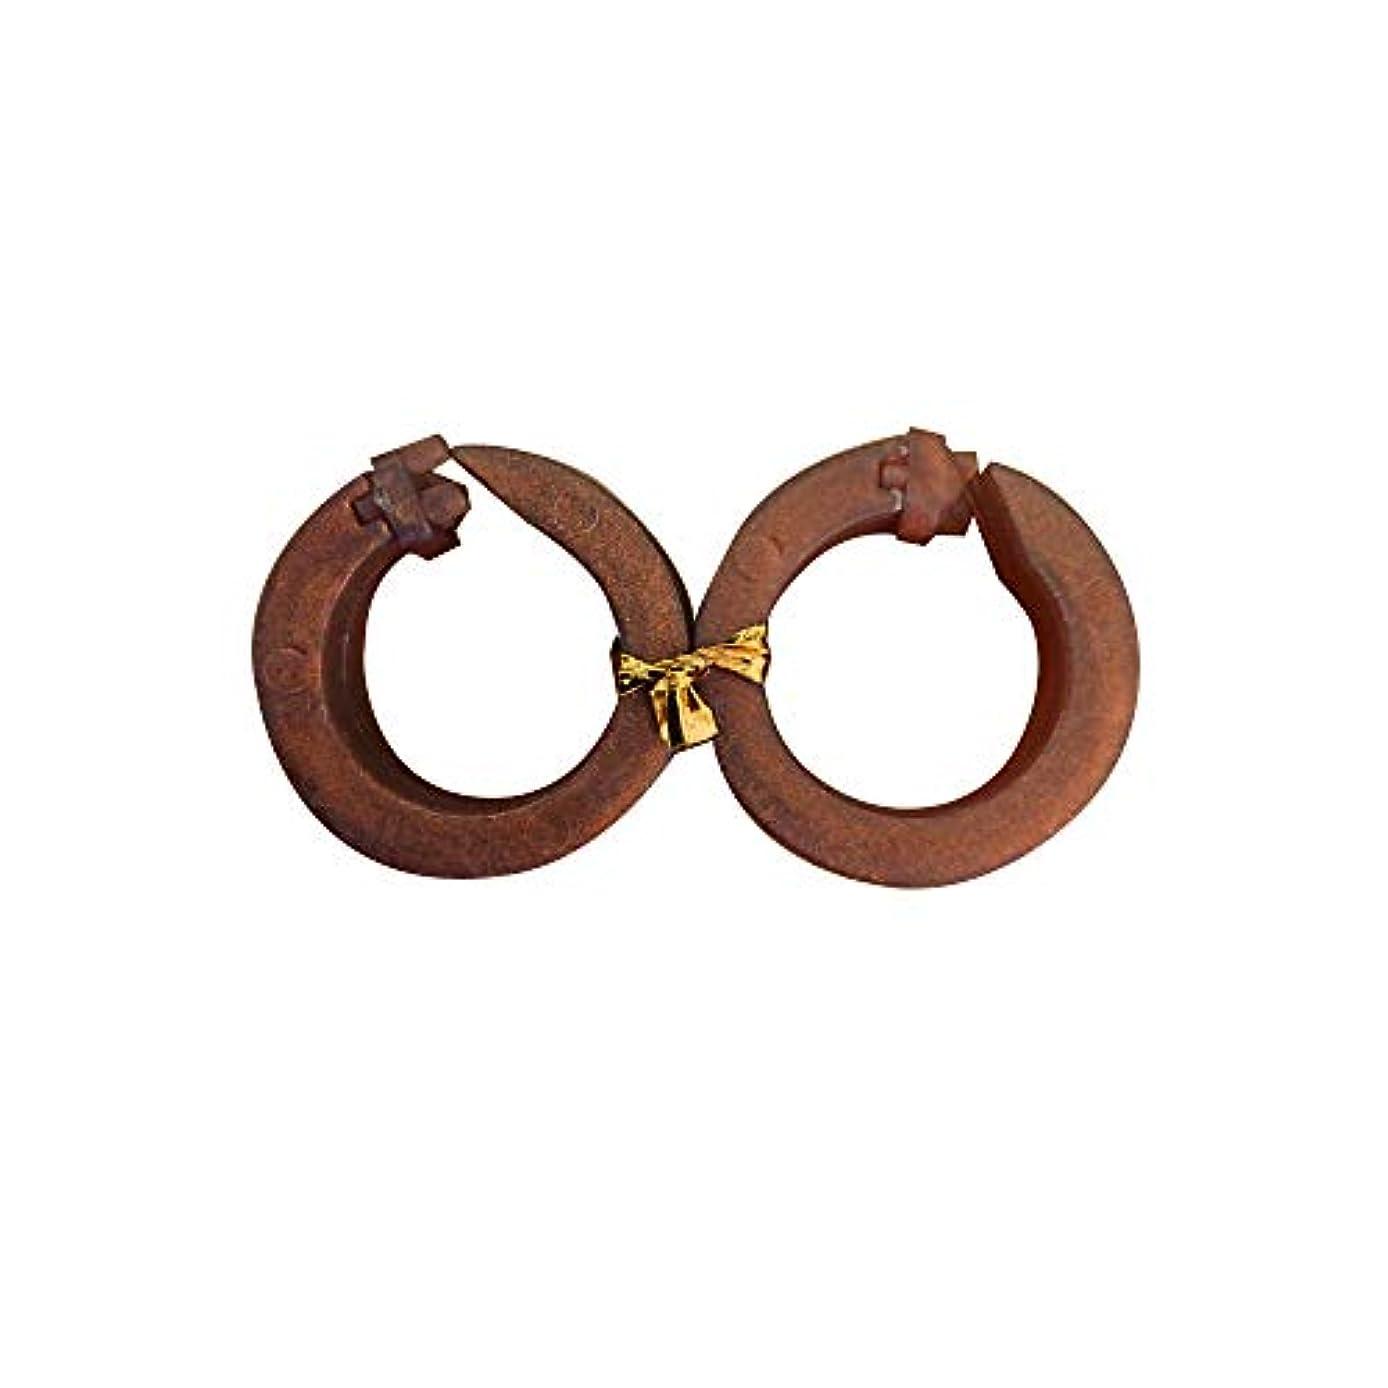 衣服セマフォ中性【サフランフィールド】 耳つぼ ダイエットリング 美容 耳つぼ美人 ゴールドブラウン